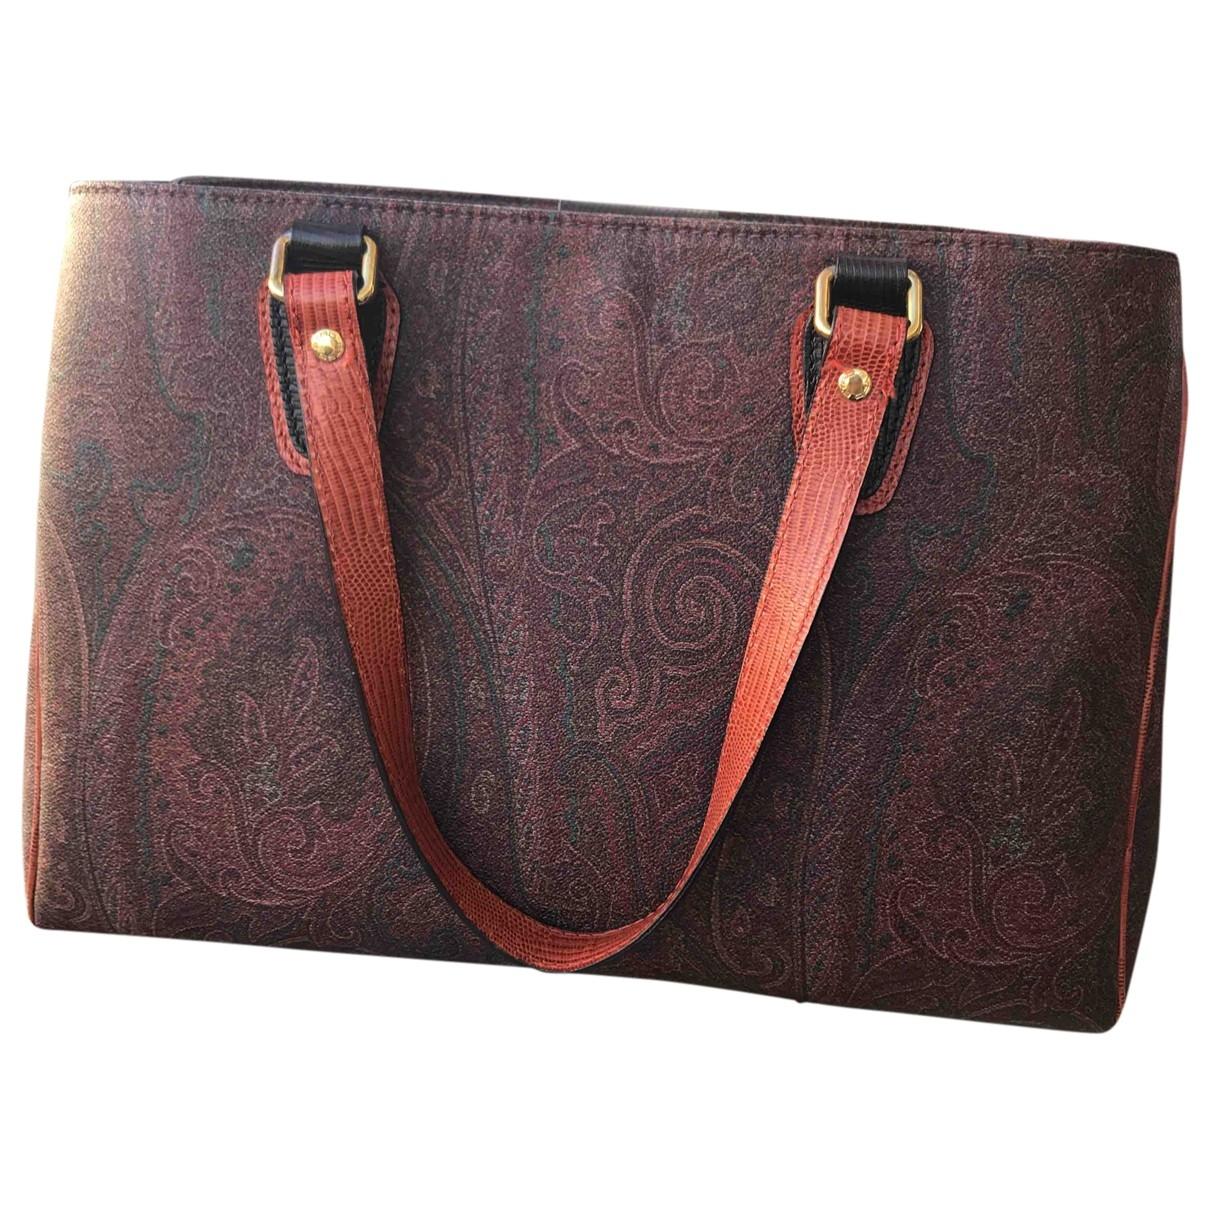 Etro \N Handtasche in Leder